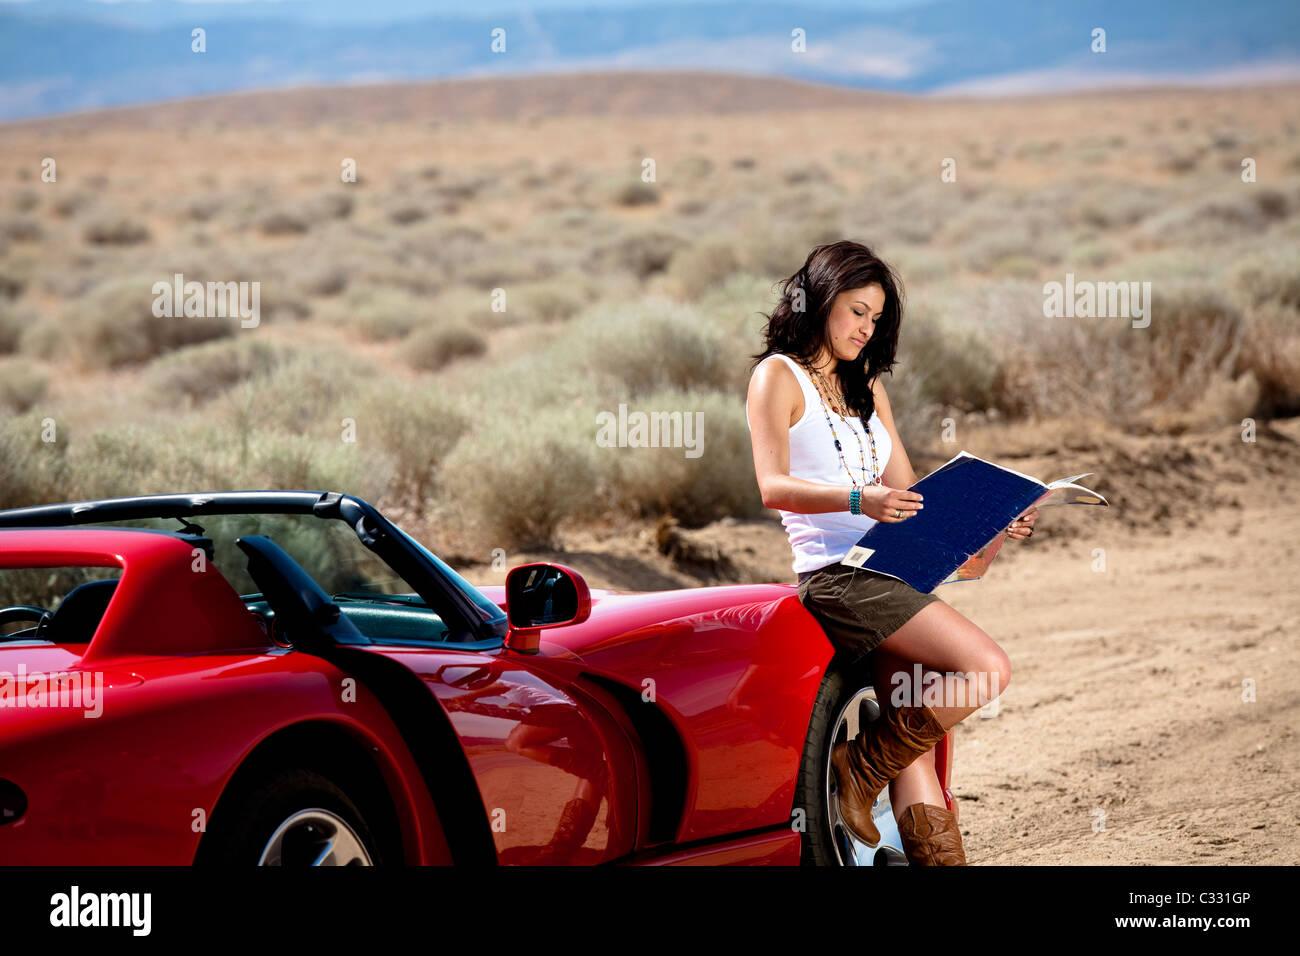 Una giovane donna attraente legge una mappa mentre in piedi accanto ad un auto sportiva rossa in Lancaster, California. Immagini Stock